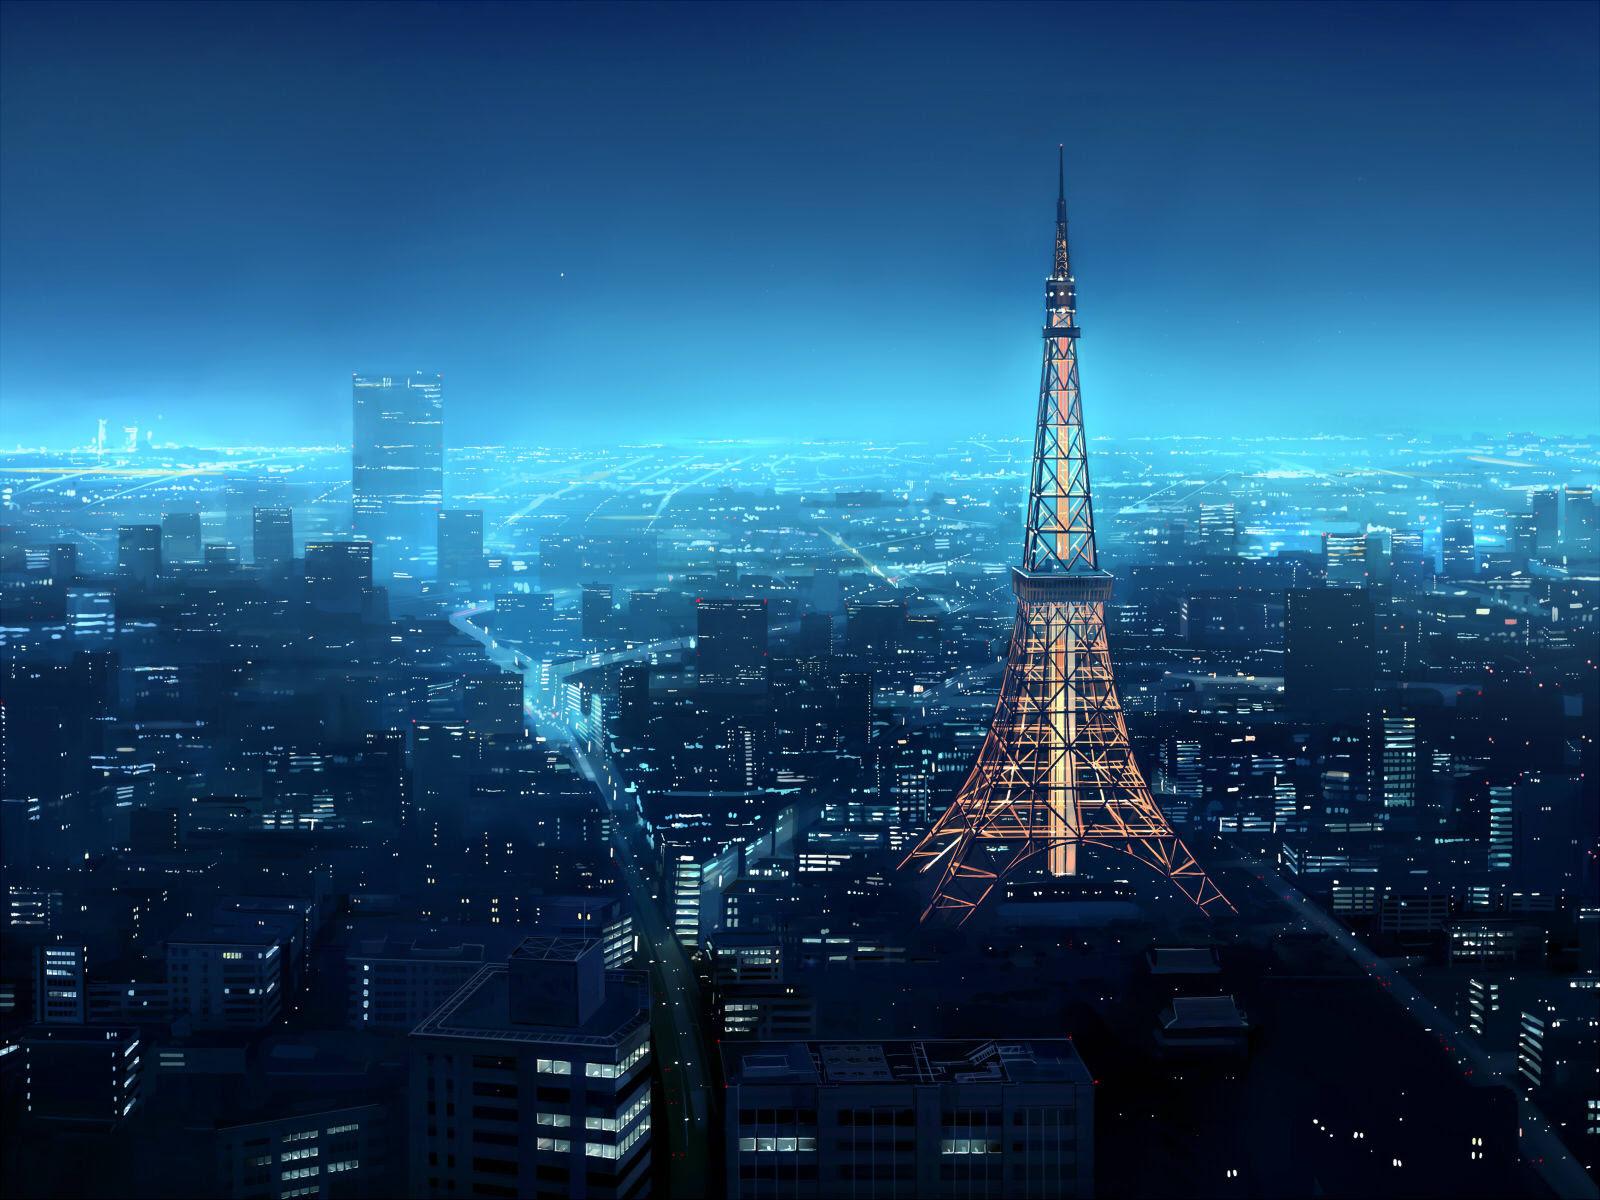 キレイな夜景 画像壁紙 Naver まとめ